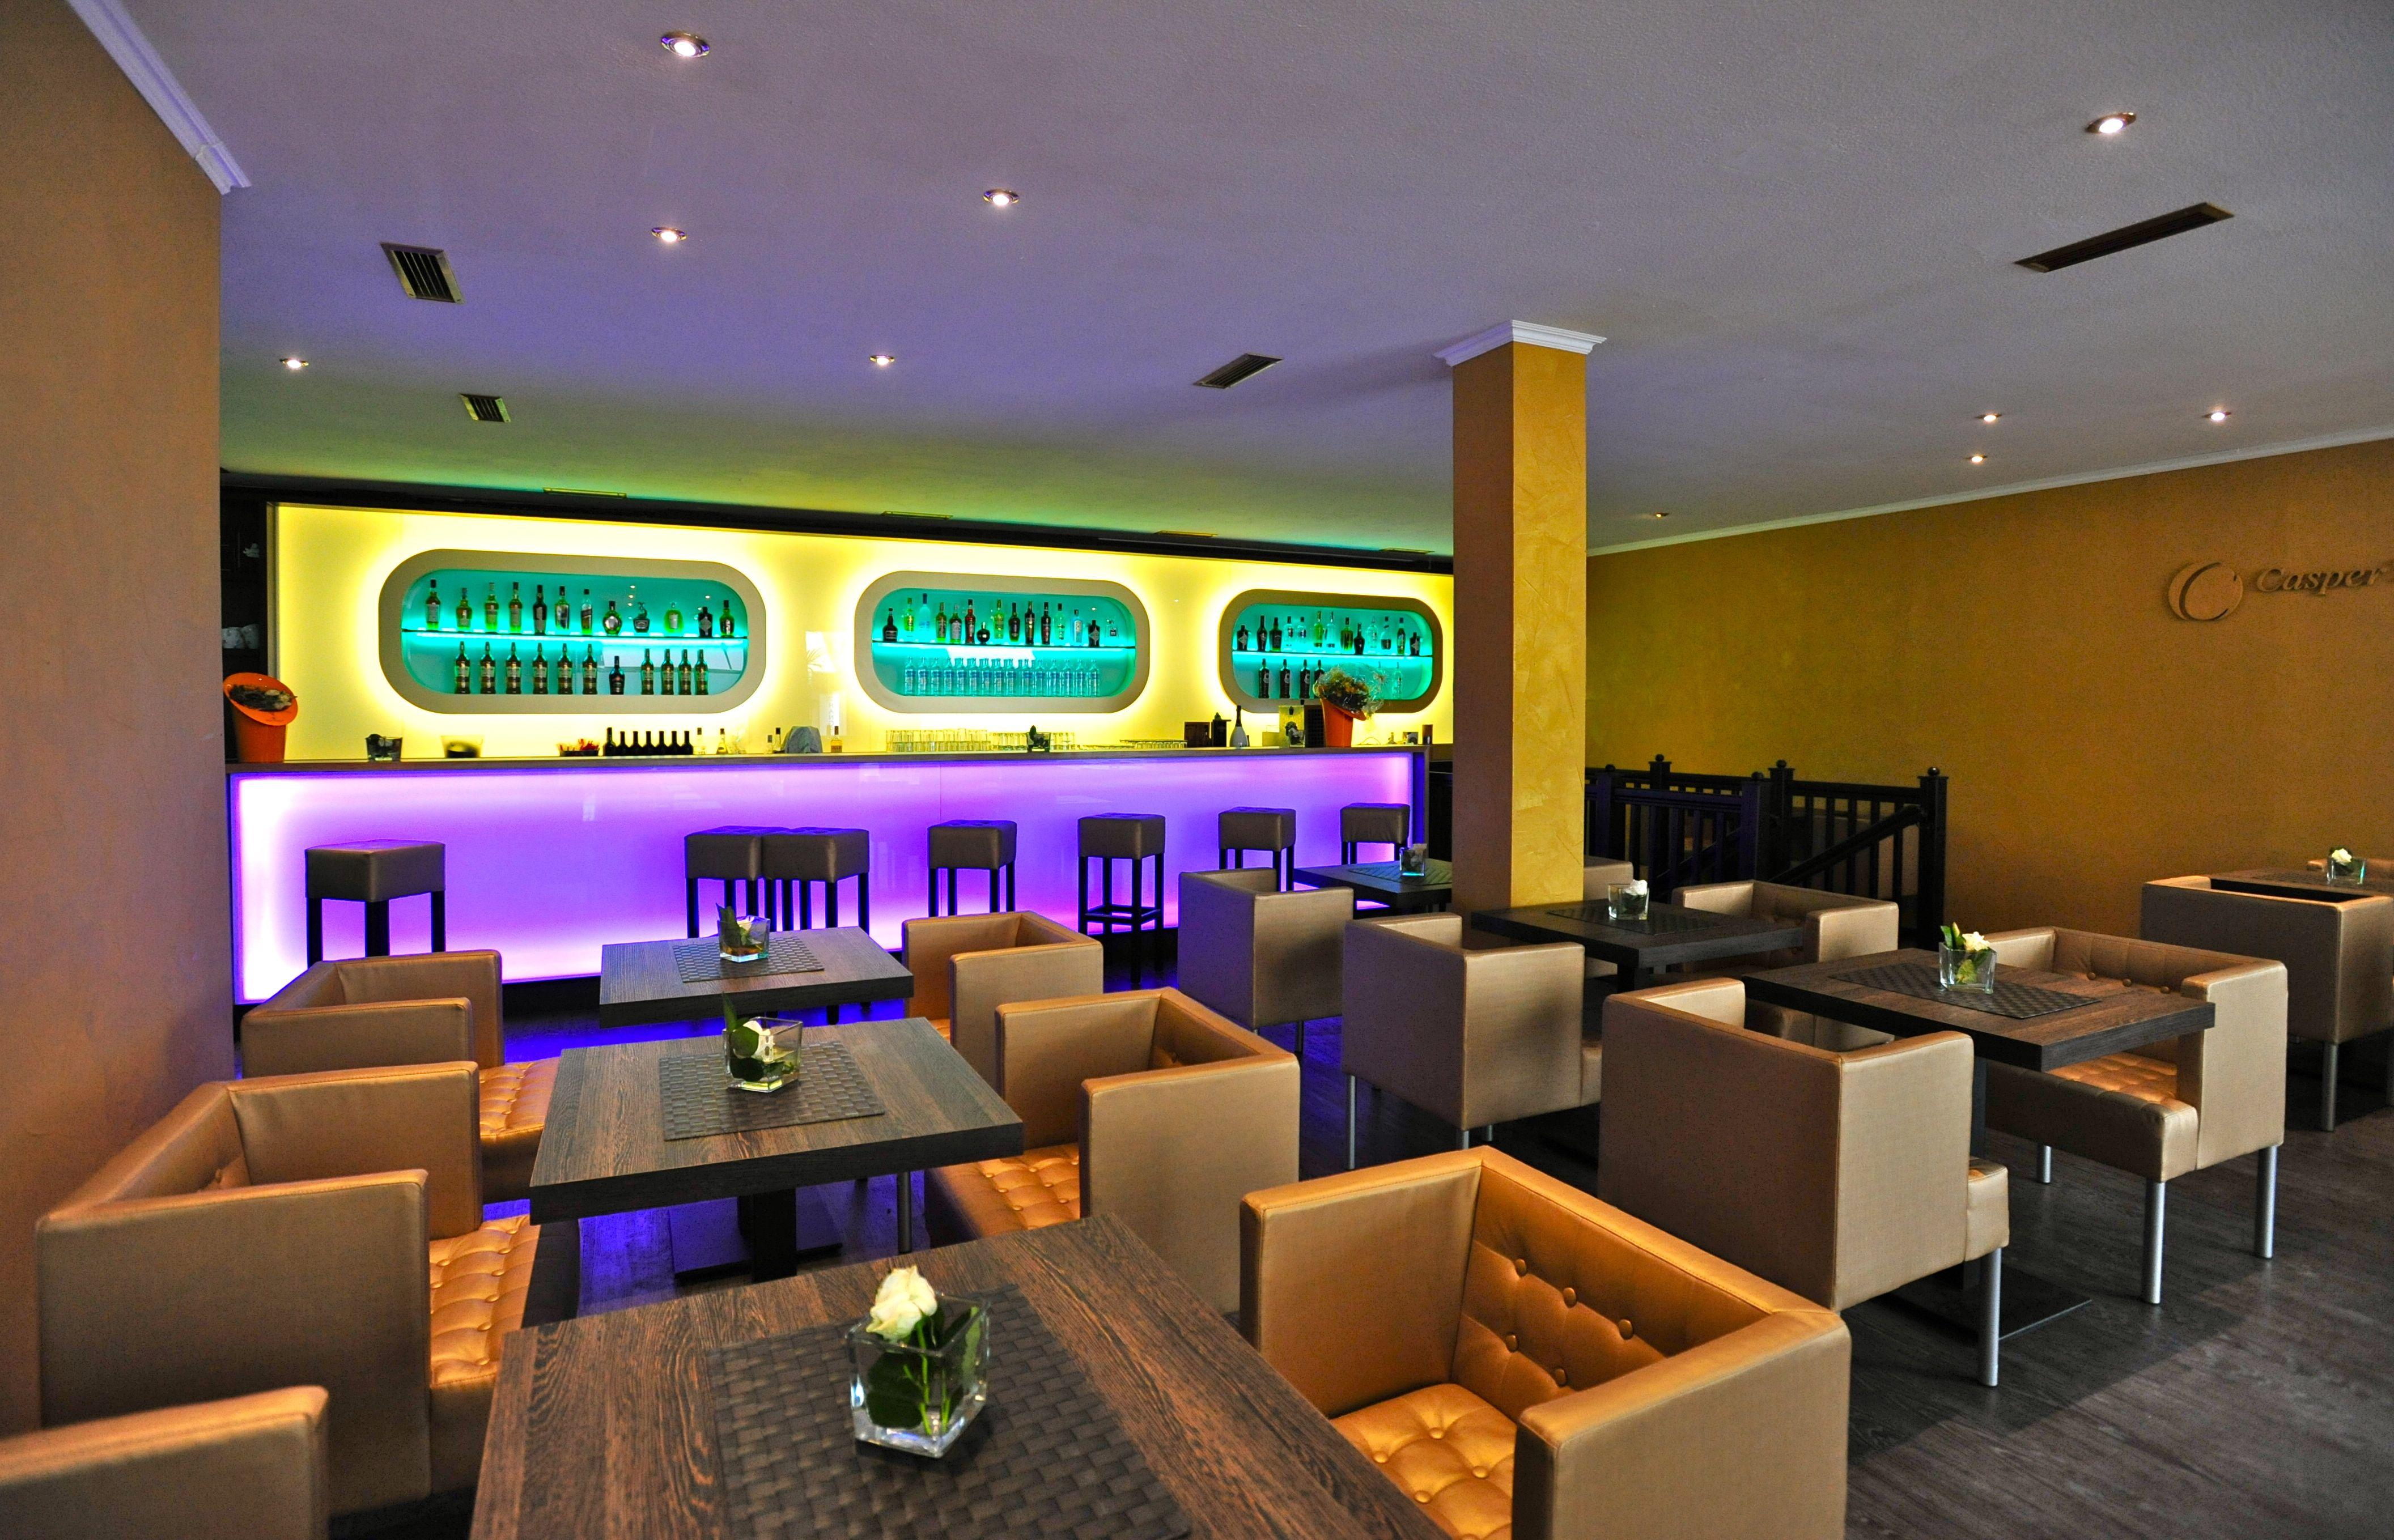 Caspers Club Bar Und Lounge Bringt Neuen Glanz In Die Altstadt